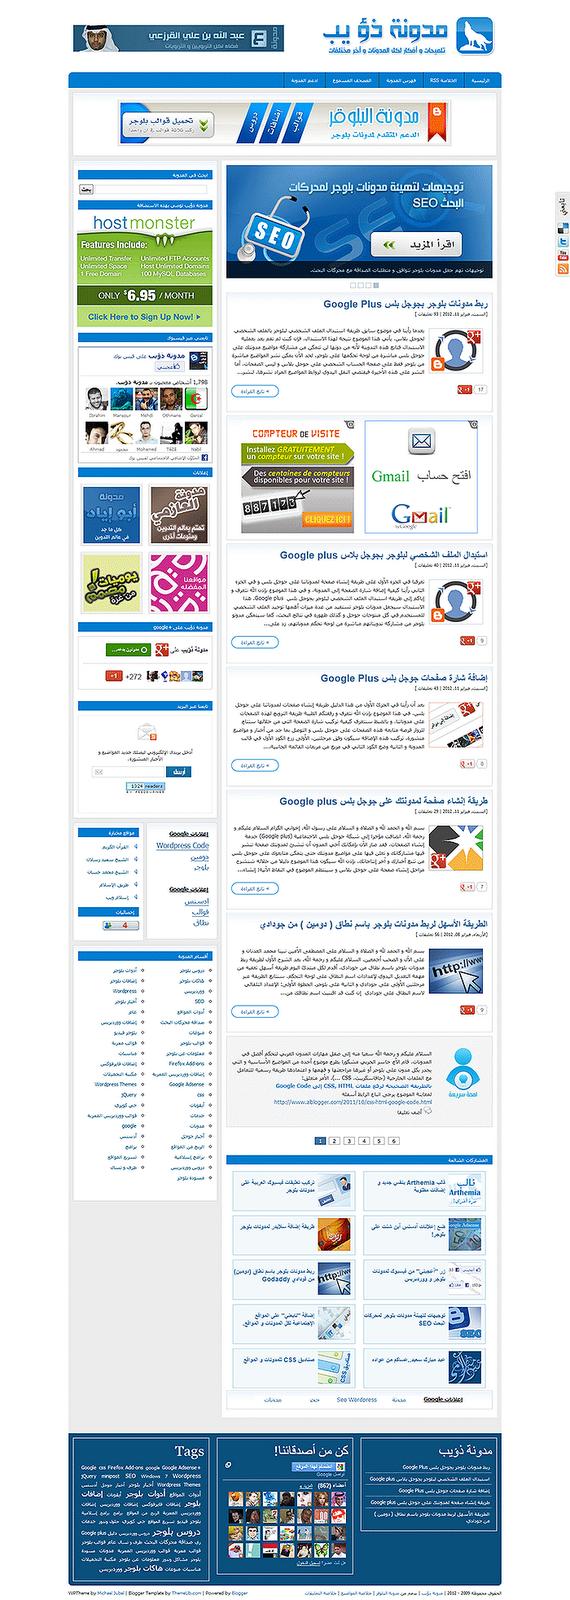 قالب مدونة ذؤيب الأصلي و المتميز Doaib-template